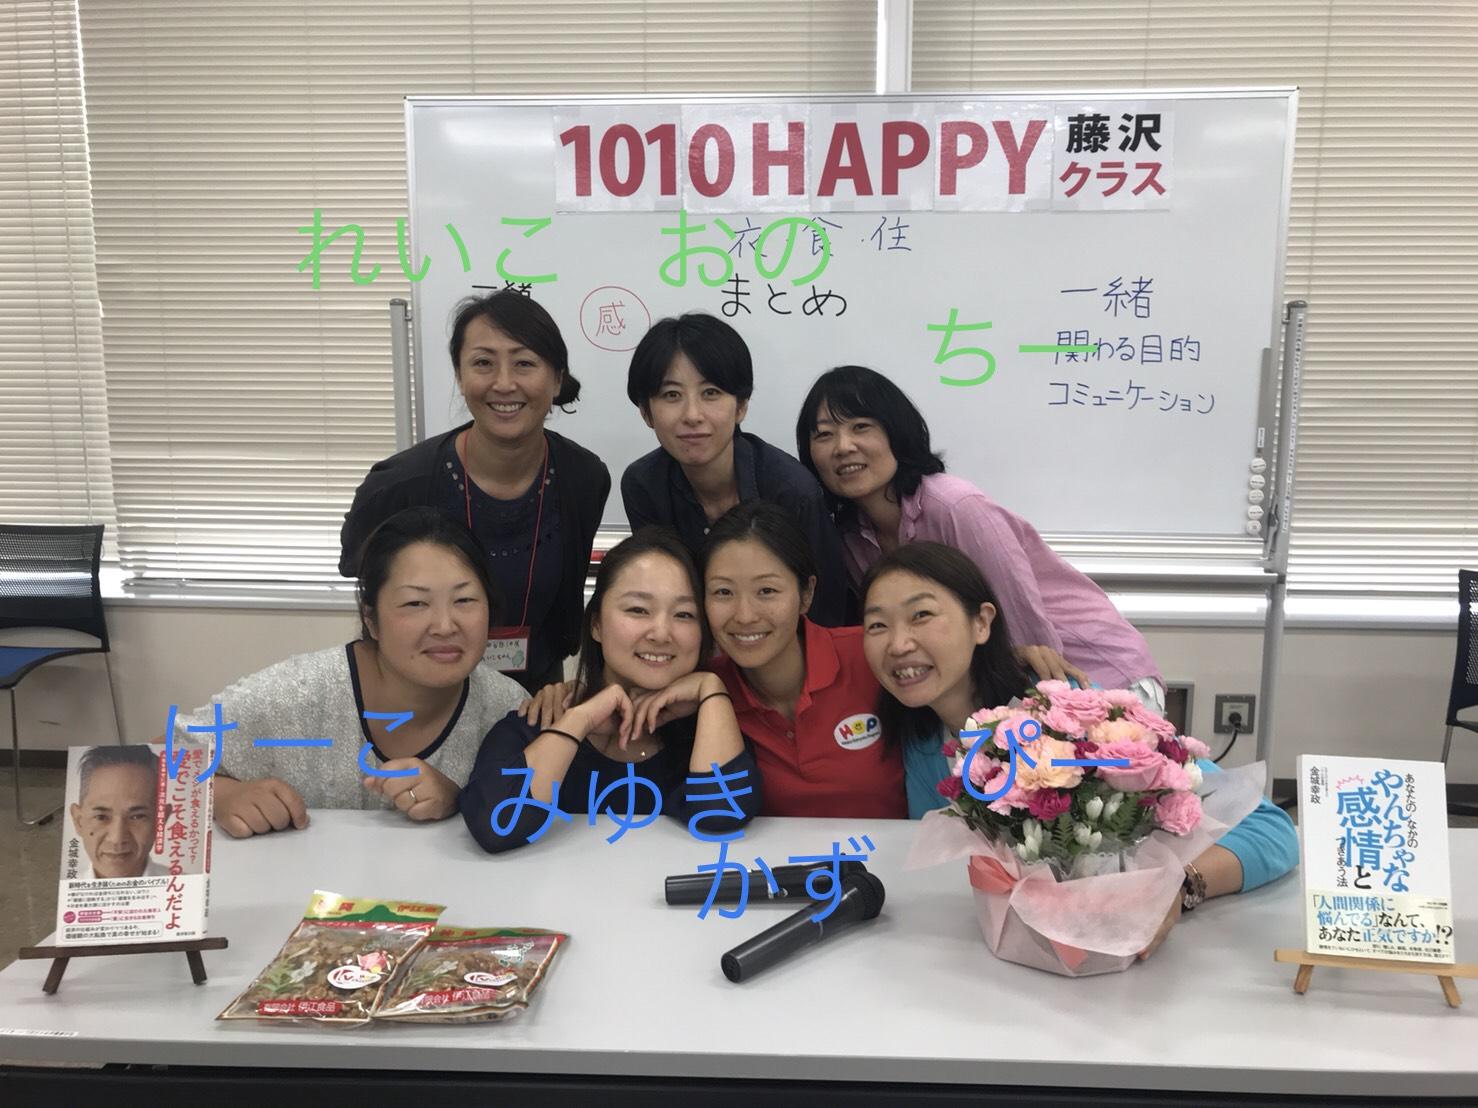 2018/8/28 1010HAPPY藤沢クラス Fグループ ①魂に響いた言葉 ②感想